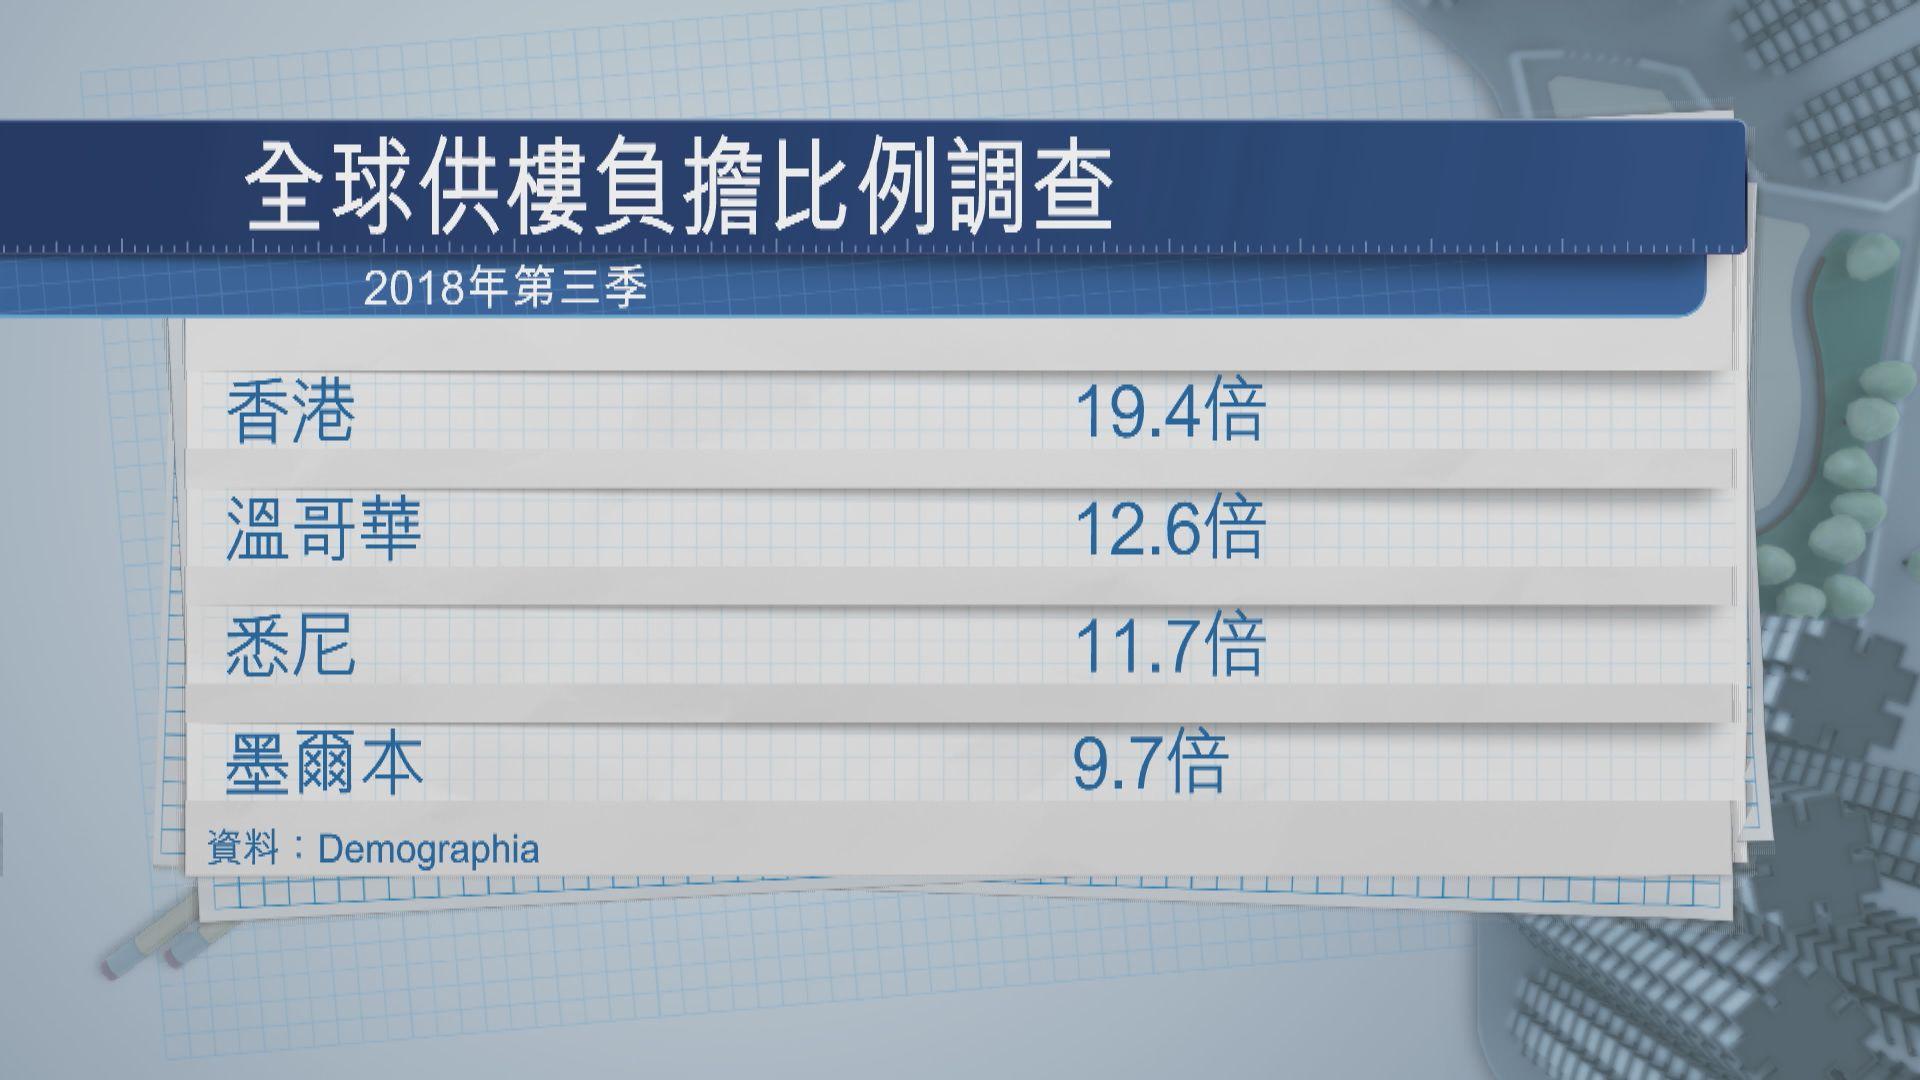 香港樓價第九年成為全球樓價最難負擔城市